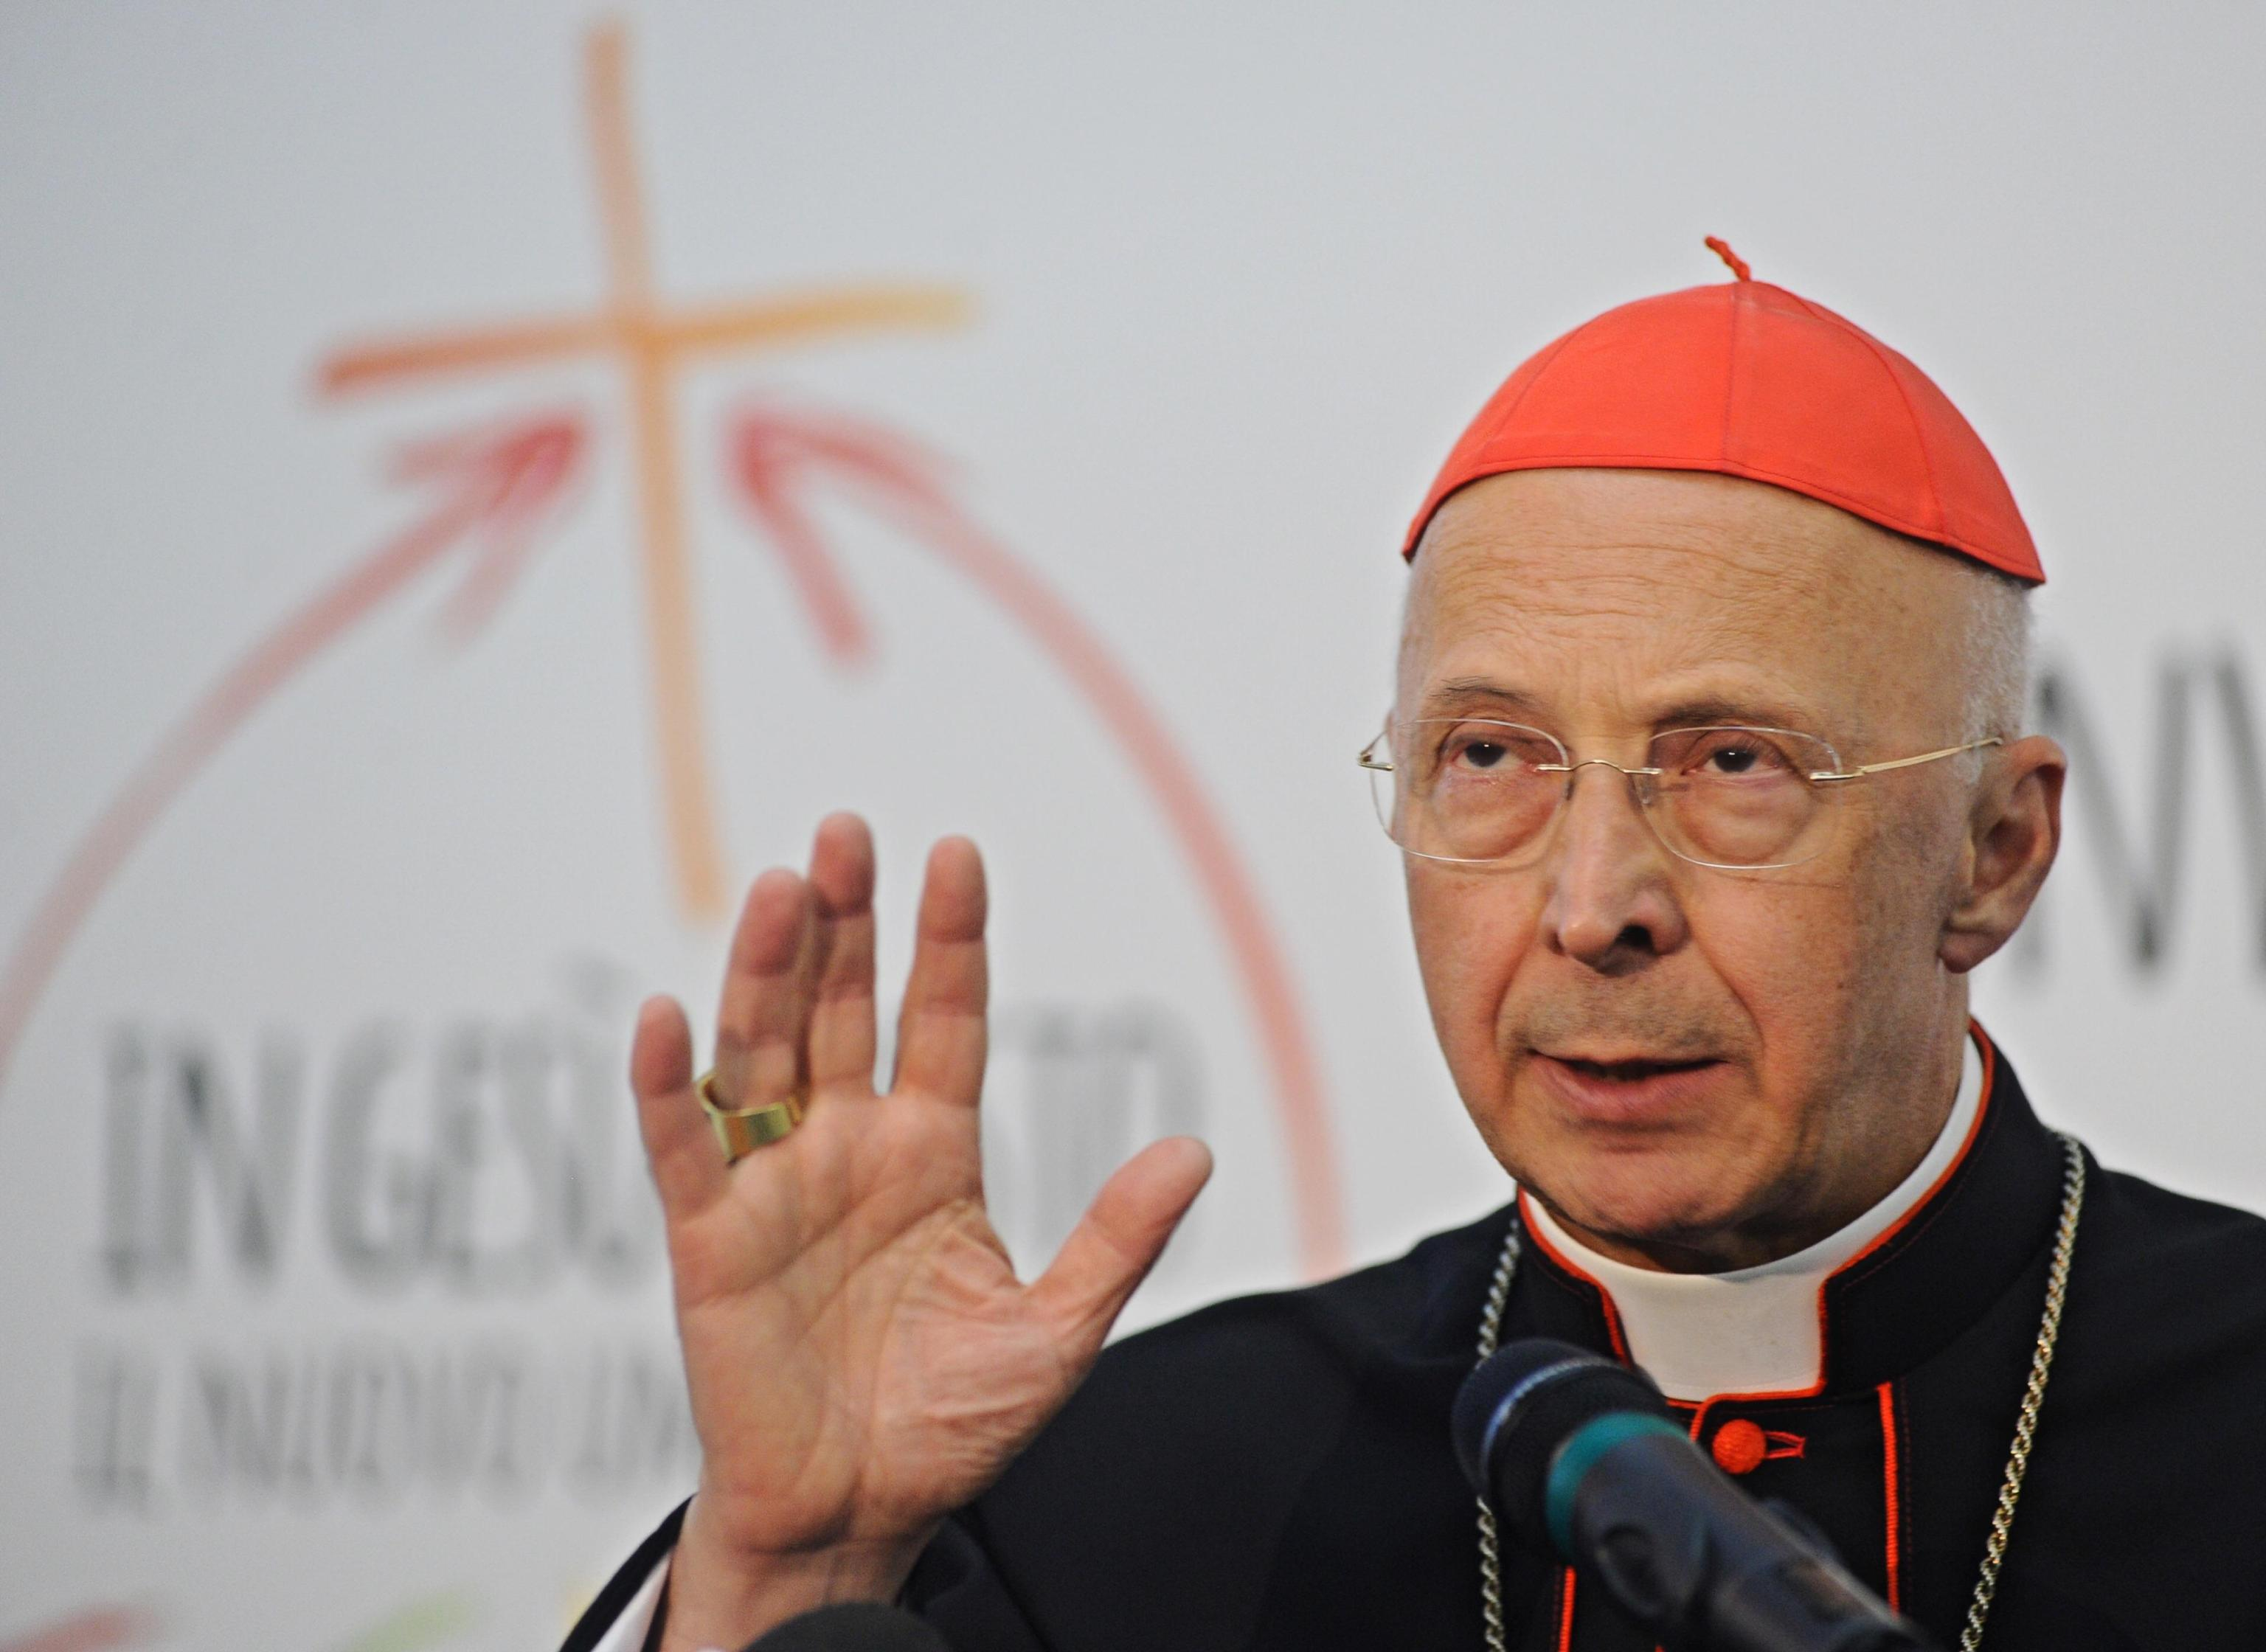 L altolà dei vescovi  «Le unioni civili  Sono un alternativa al matrimonio»  - Secolo d Italia bc8d9d531835